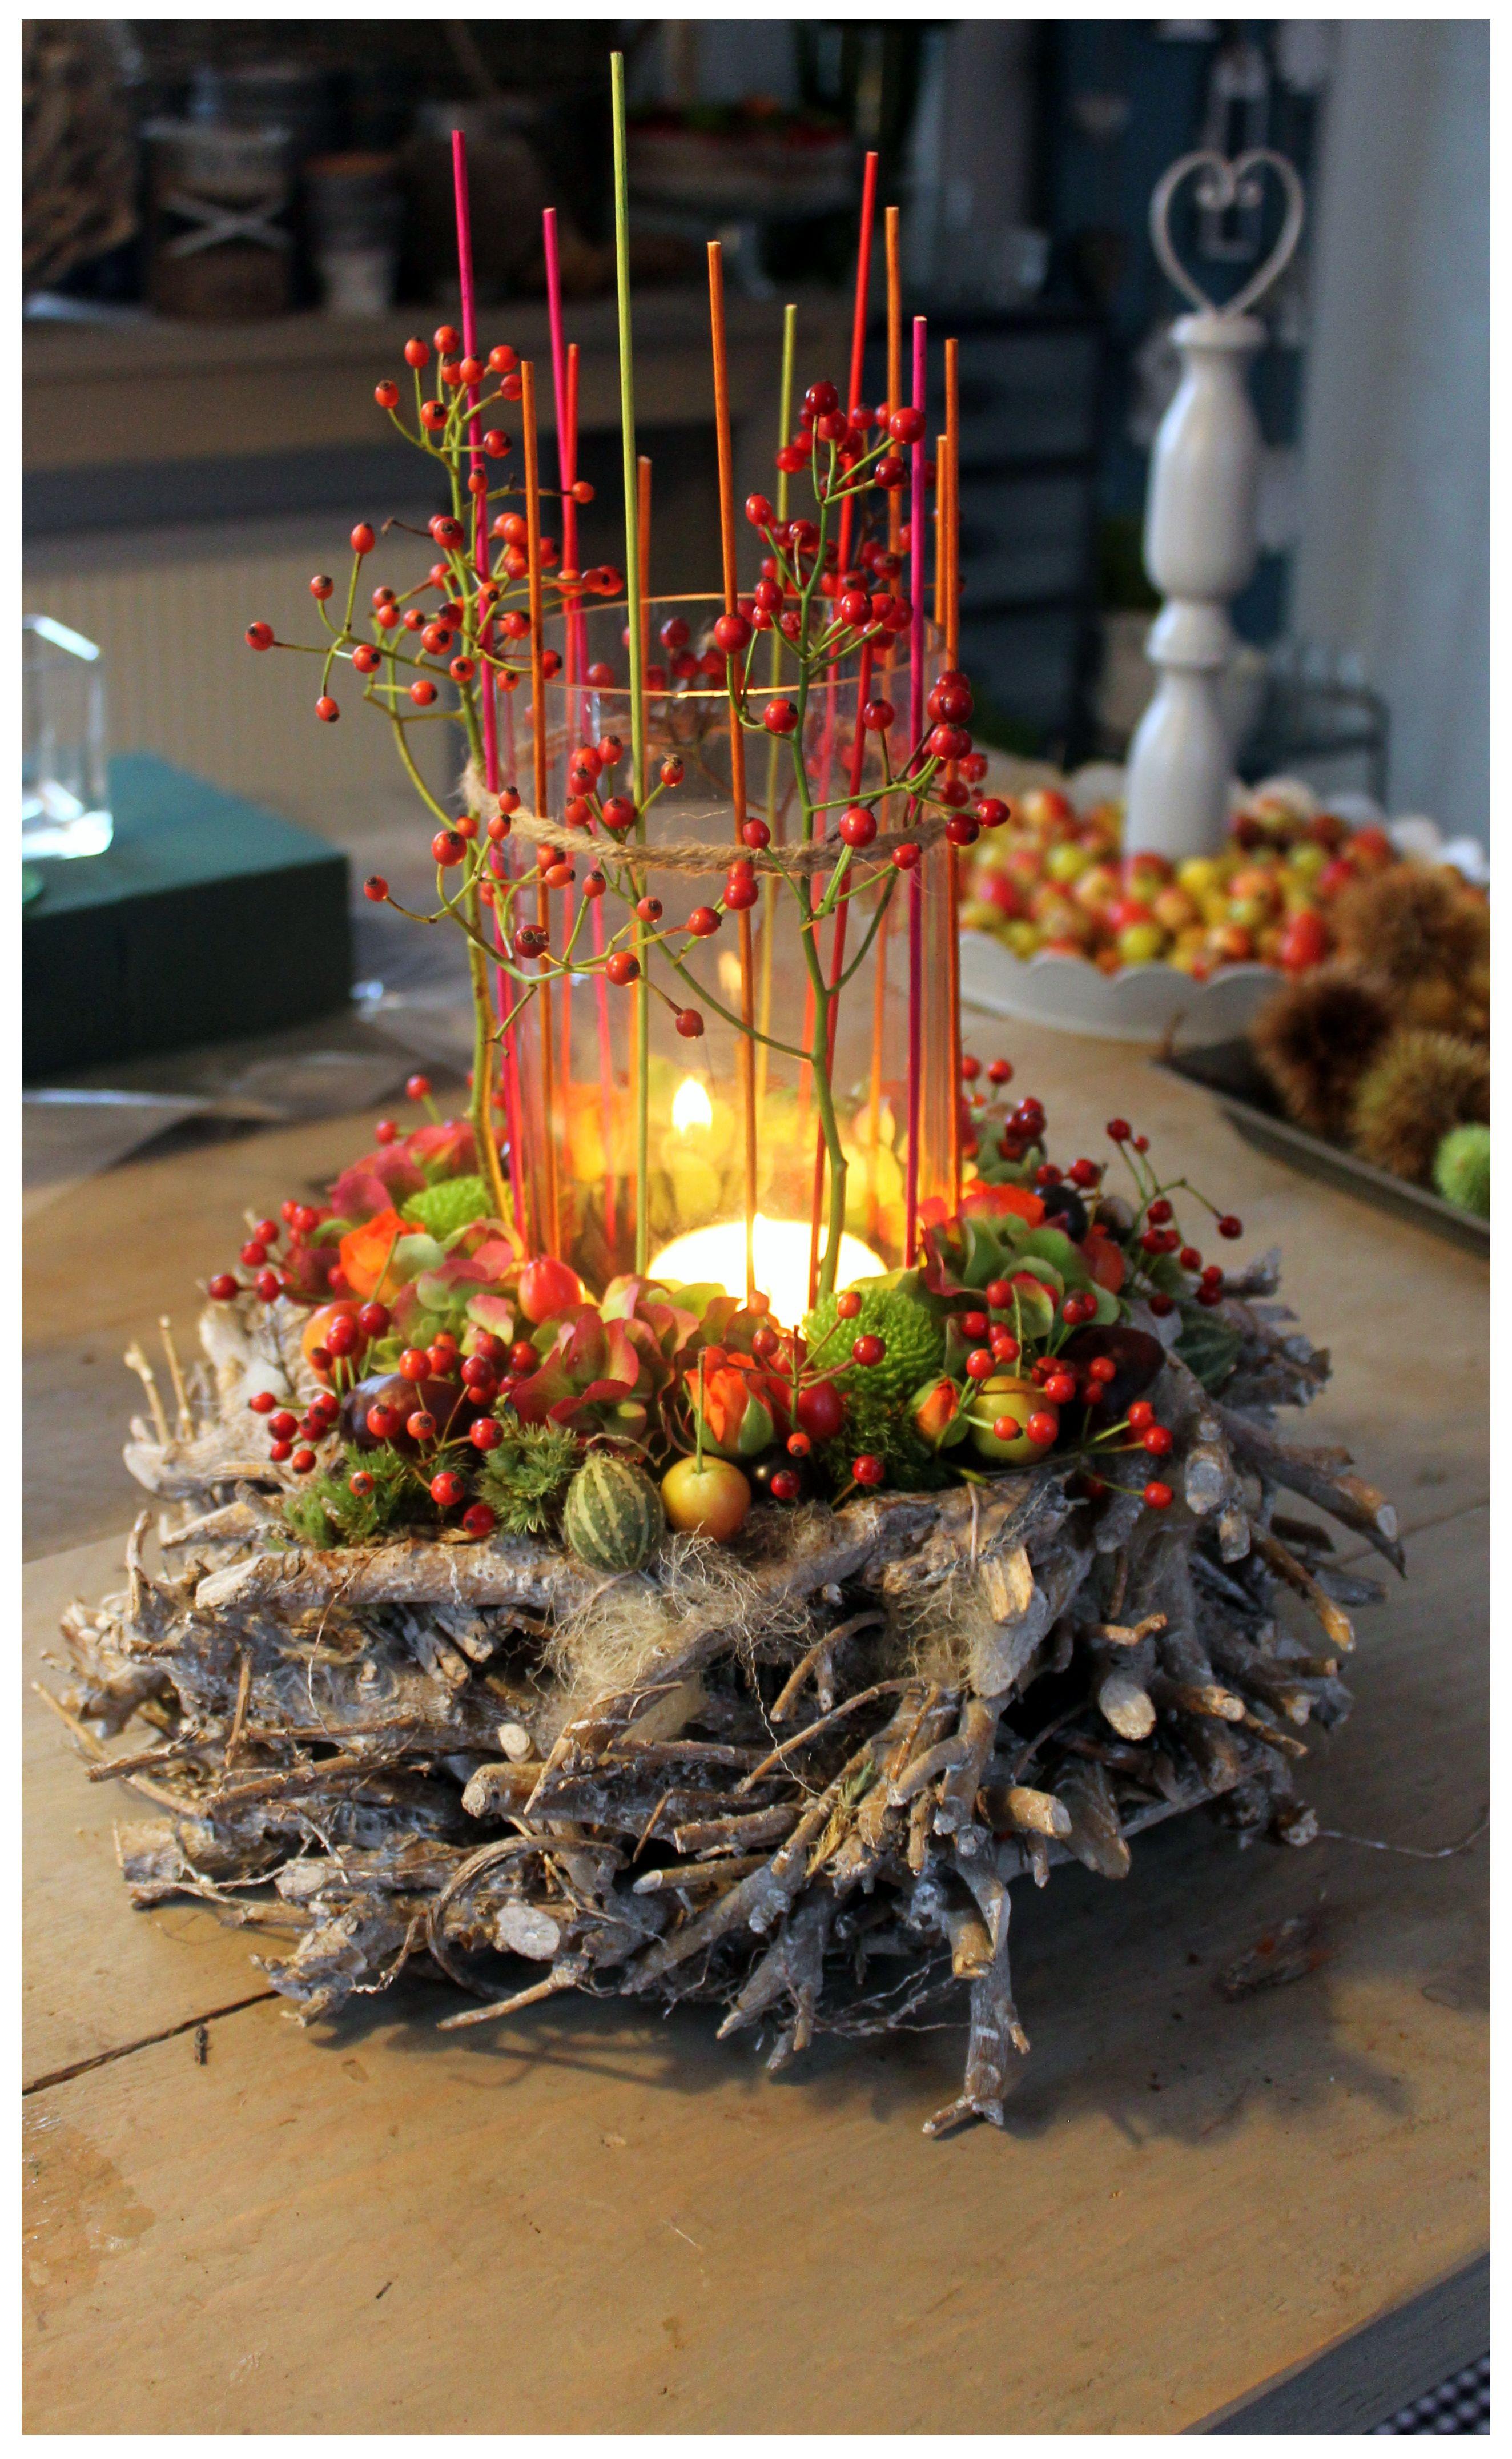 Herbst  floristik  Pinterest  Herbst Herbstdeko und Krnze